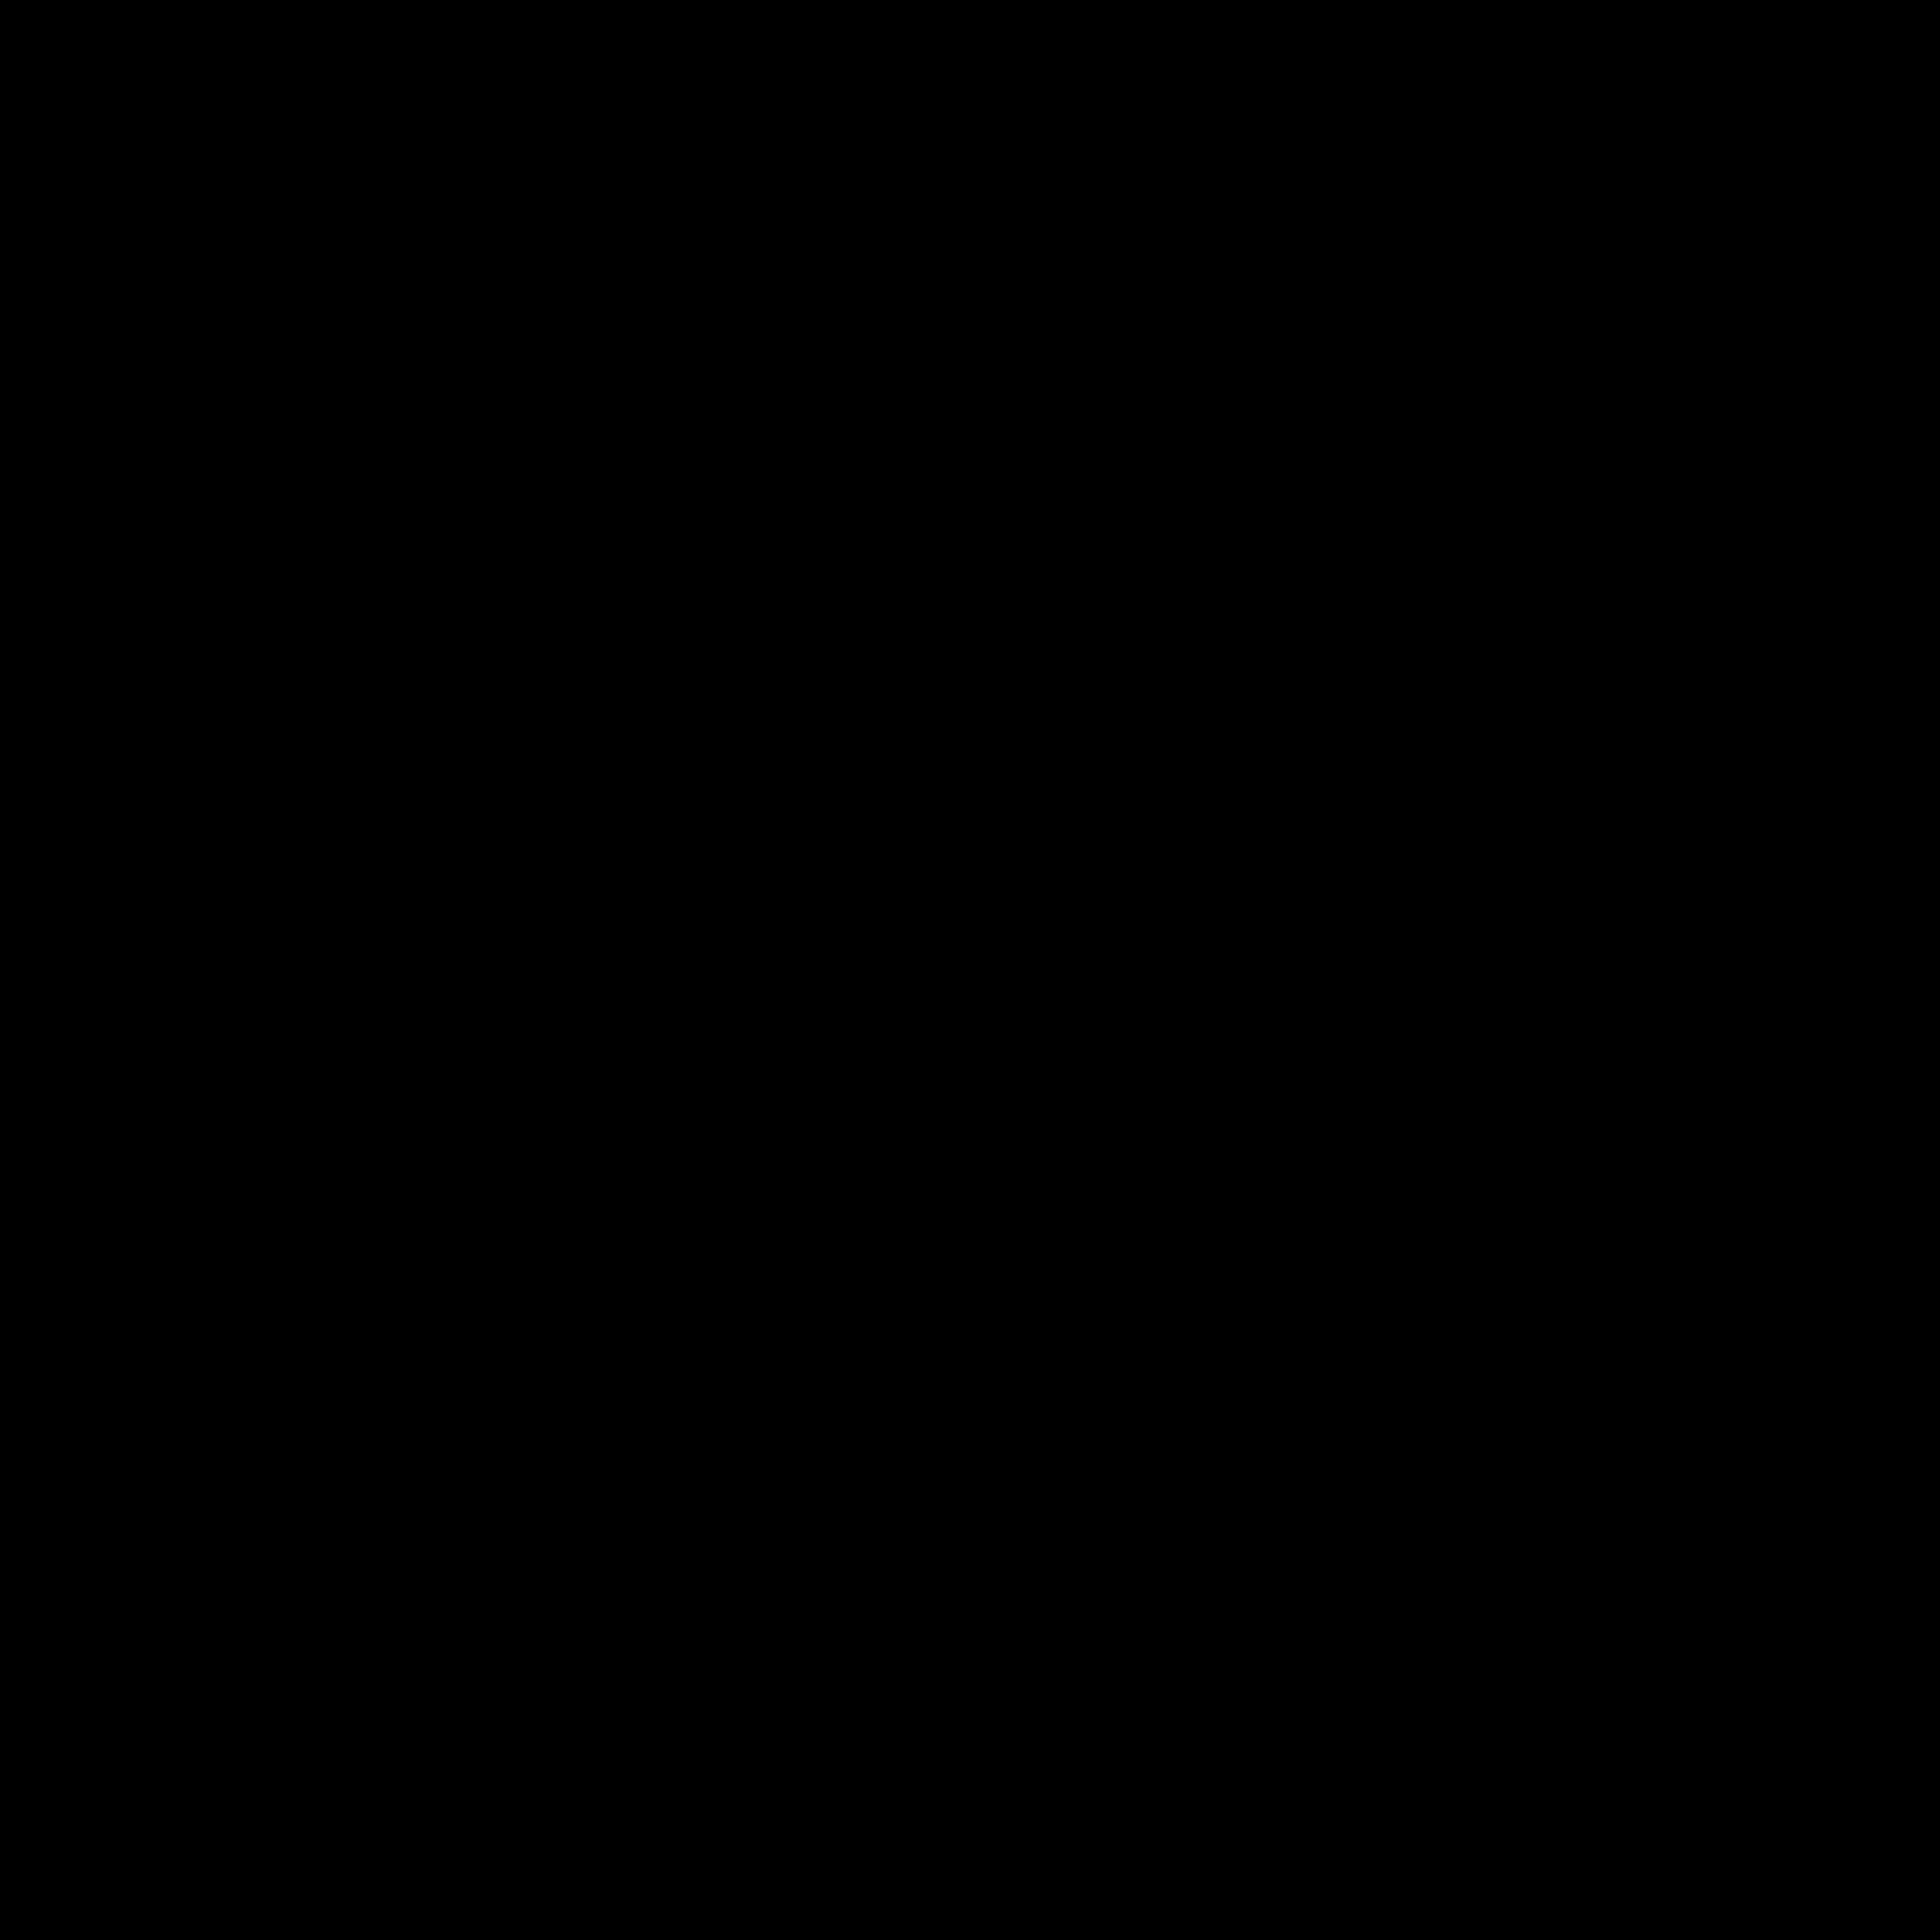 カネボウKracie日本食玩【ドーナツ】知育菓子ままごとのおもちゃ